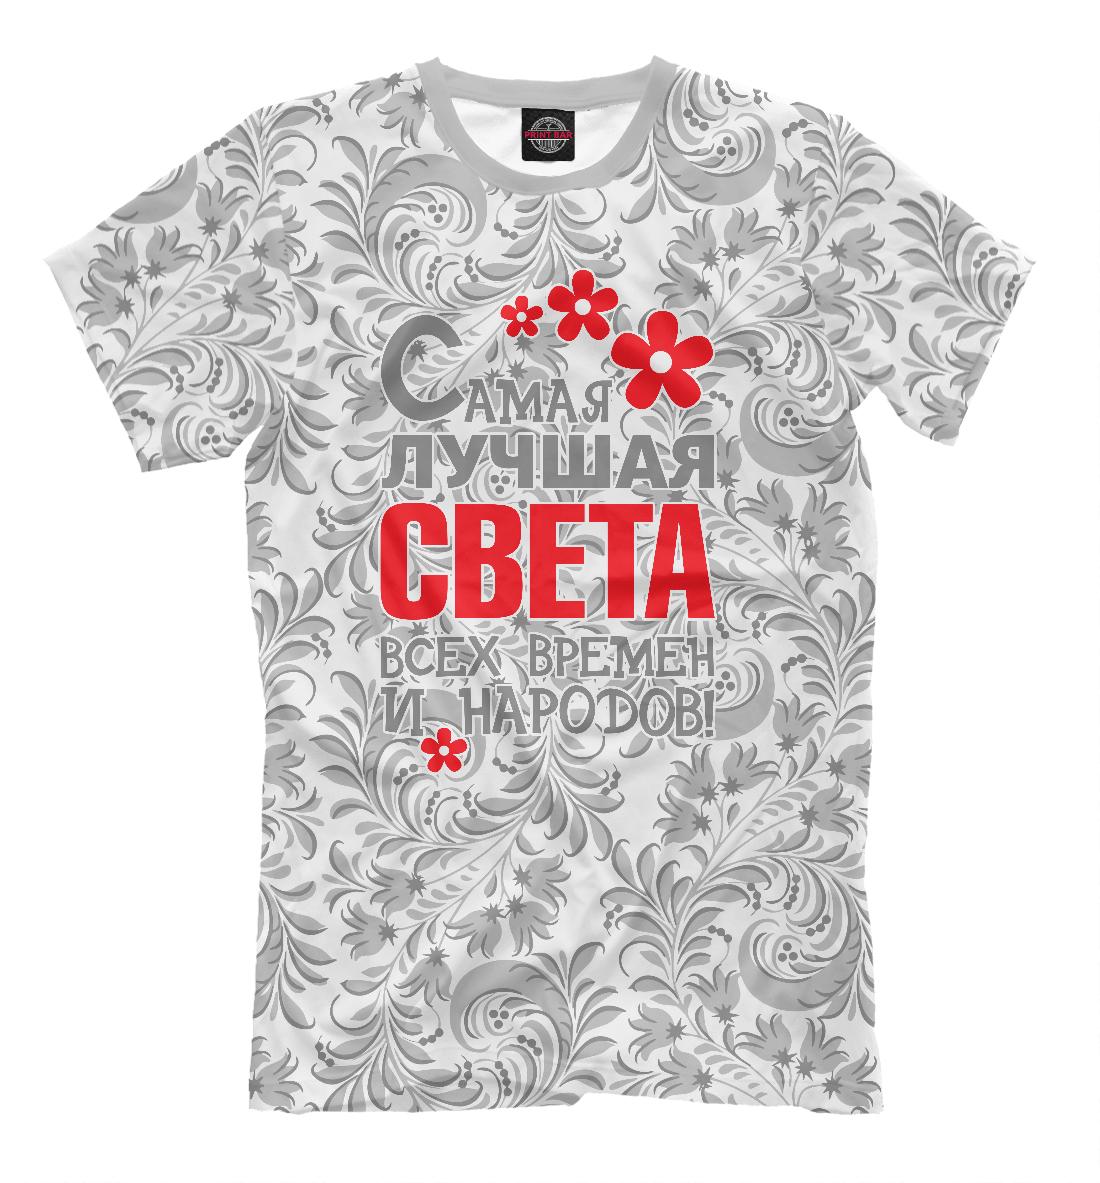 Купить Самая лучшая Света, Printbar, Футболки, IMR-888418-fut-2